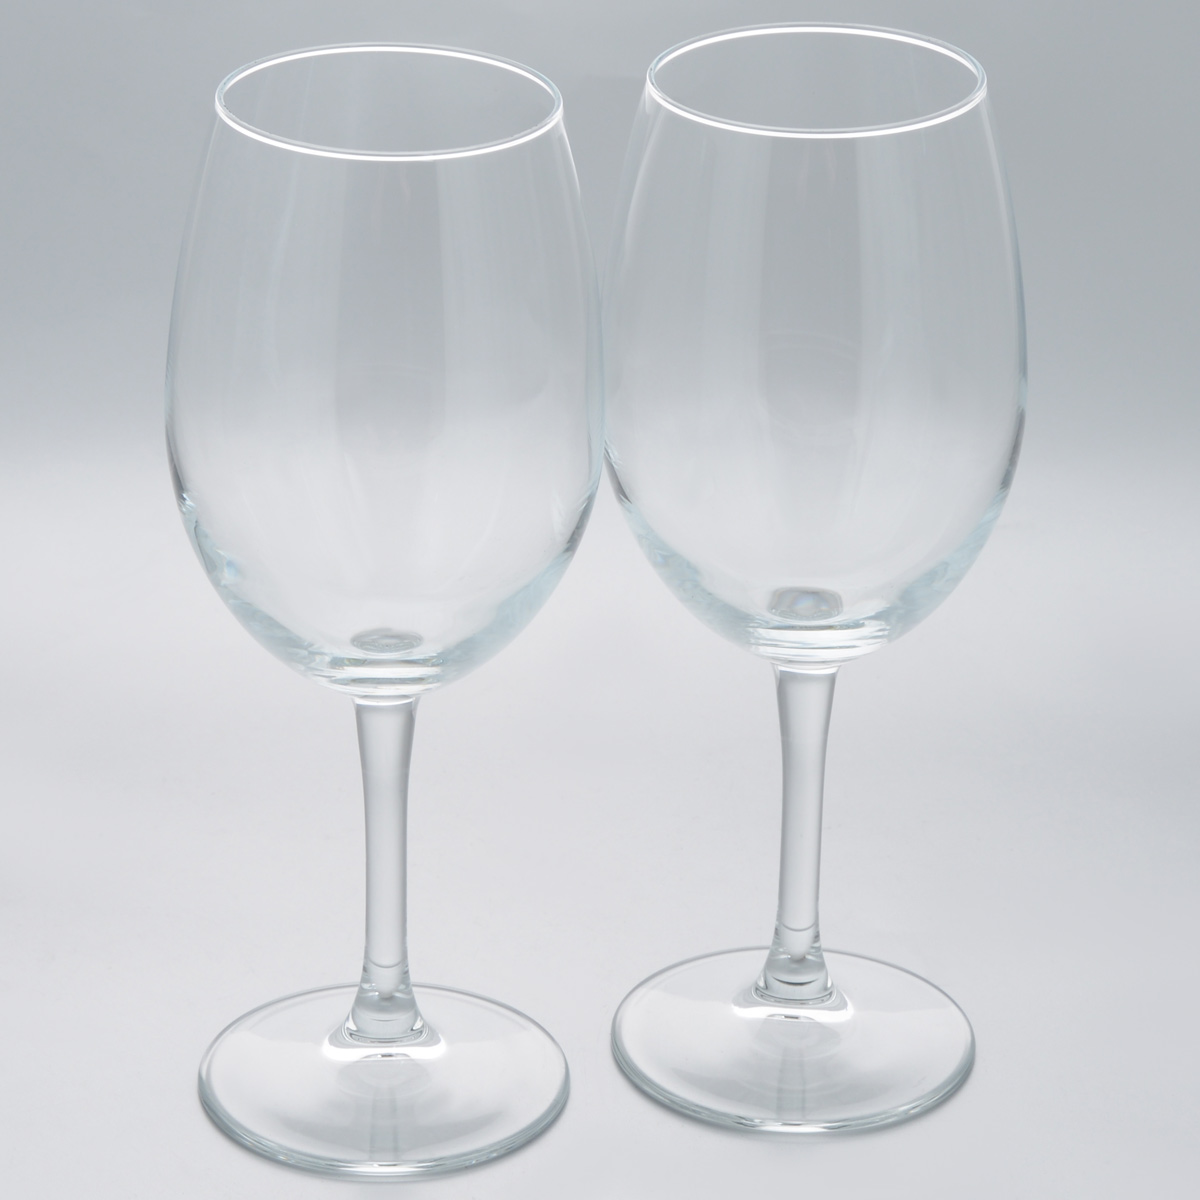 Набор бокалов Pasabahce Classique, 630 мл, 2 штGE01-410Набор Pasabahce Classique состоит из двух бокалов, выполненных из прочного натрий-кальций-силикатного стекла.Бокалы предназначены для подачи вина или других напитков. Они сочетают в себе элегантный дизайн и функциональность. Набор бокалов Pasabahce Classique прекрасно оформит праздничный стол и создаст приятную атмосферу за романтическим ужином. Такой набор также станет хорошим подарком к любому случаю. Можно мыть в посудомоечной машине.Высота бокала: 24 см.Диаметр бокала (по верхнему краю): 7 см.